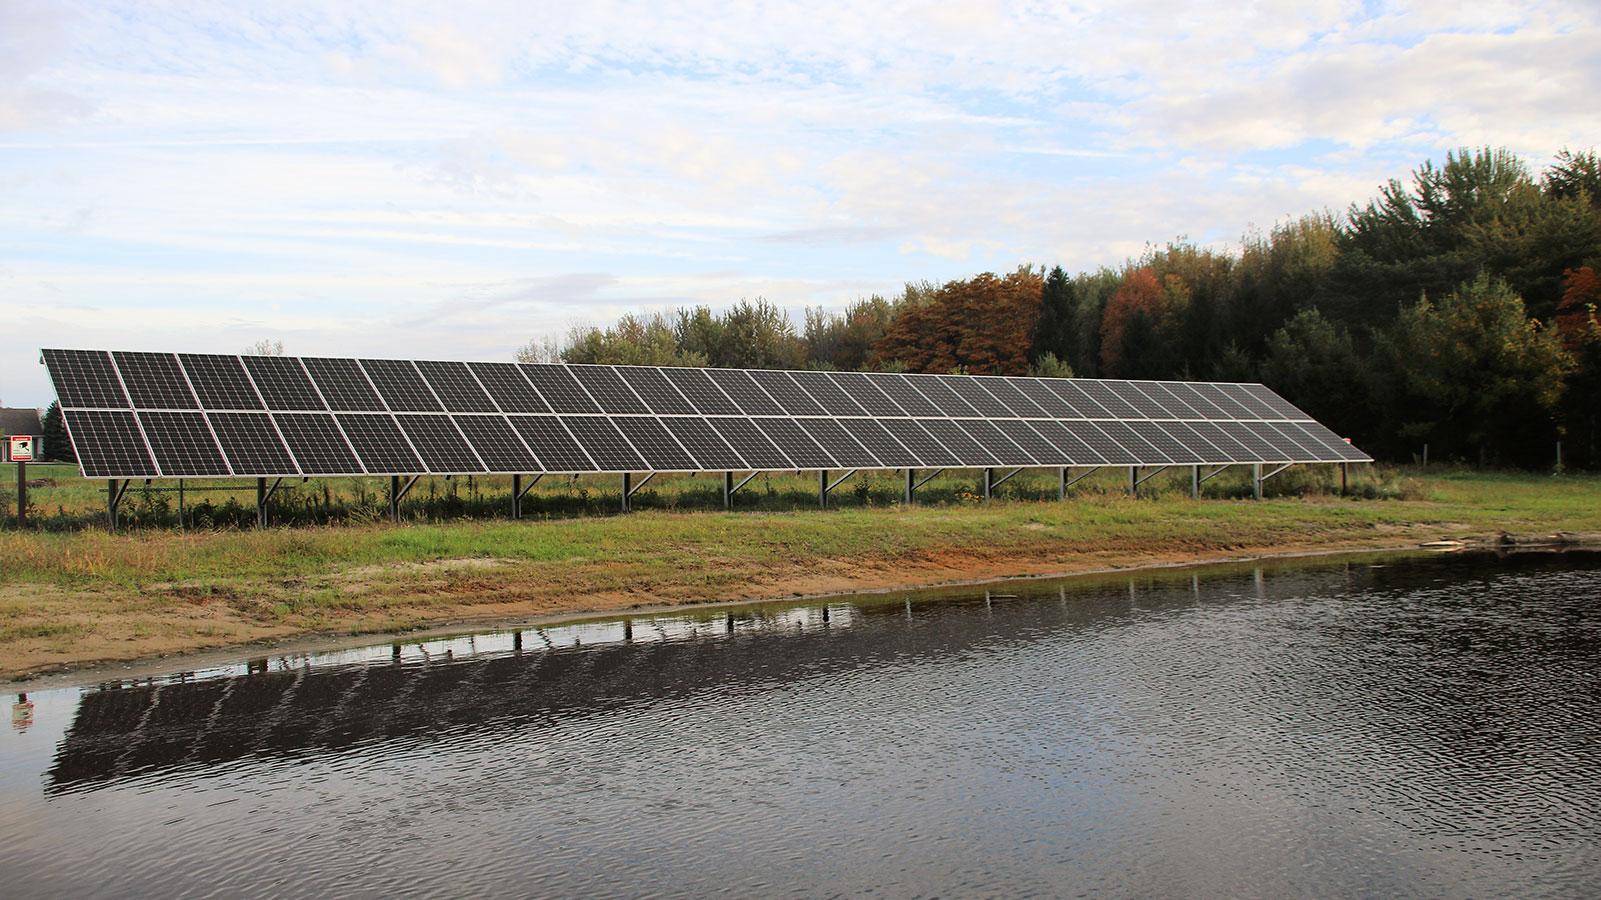 Solar array near pond